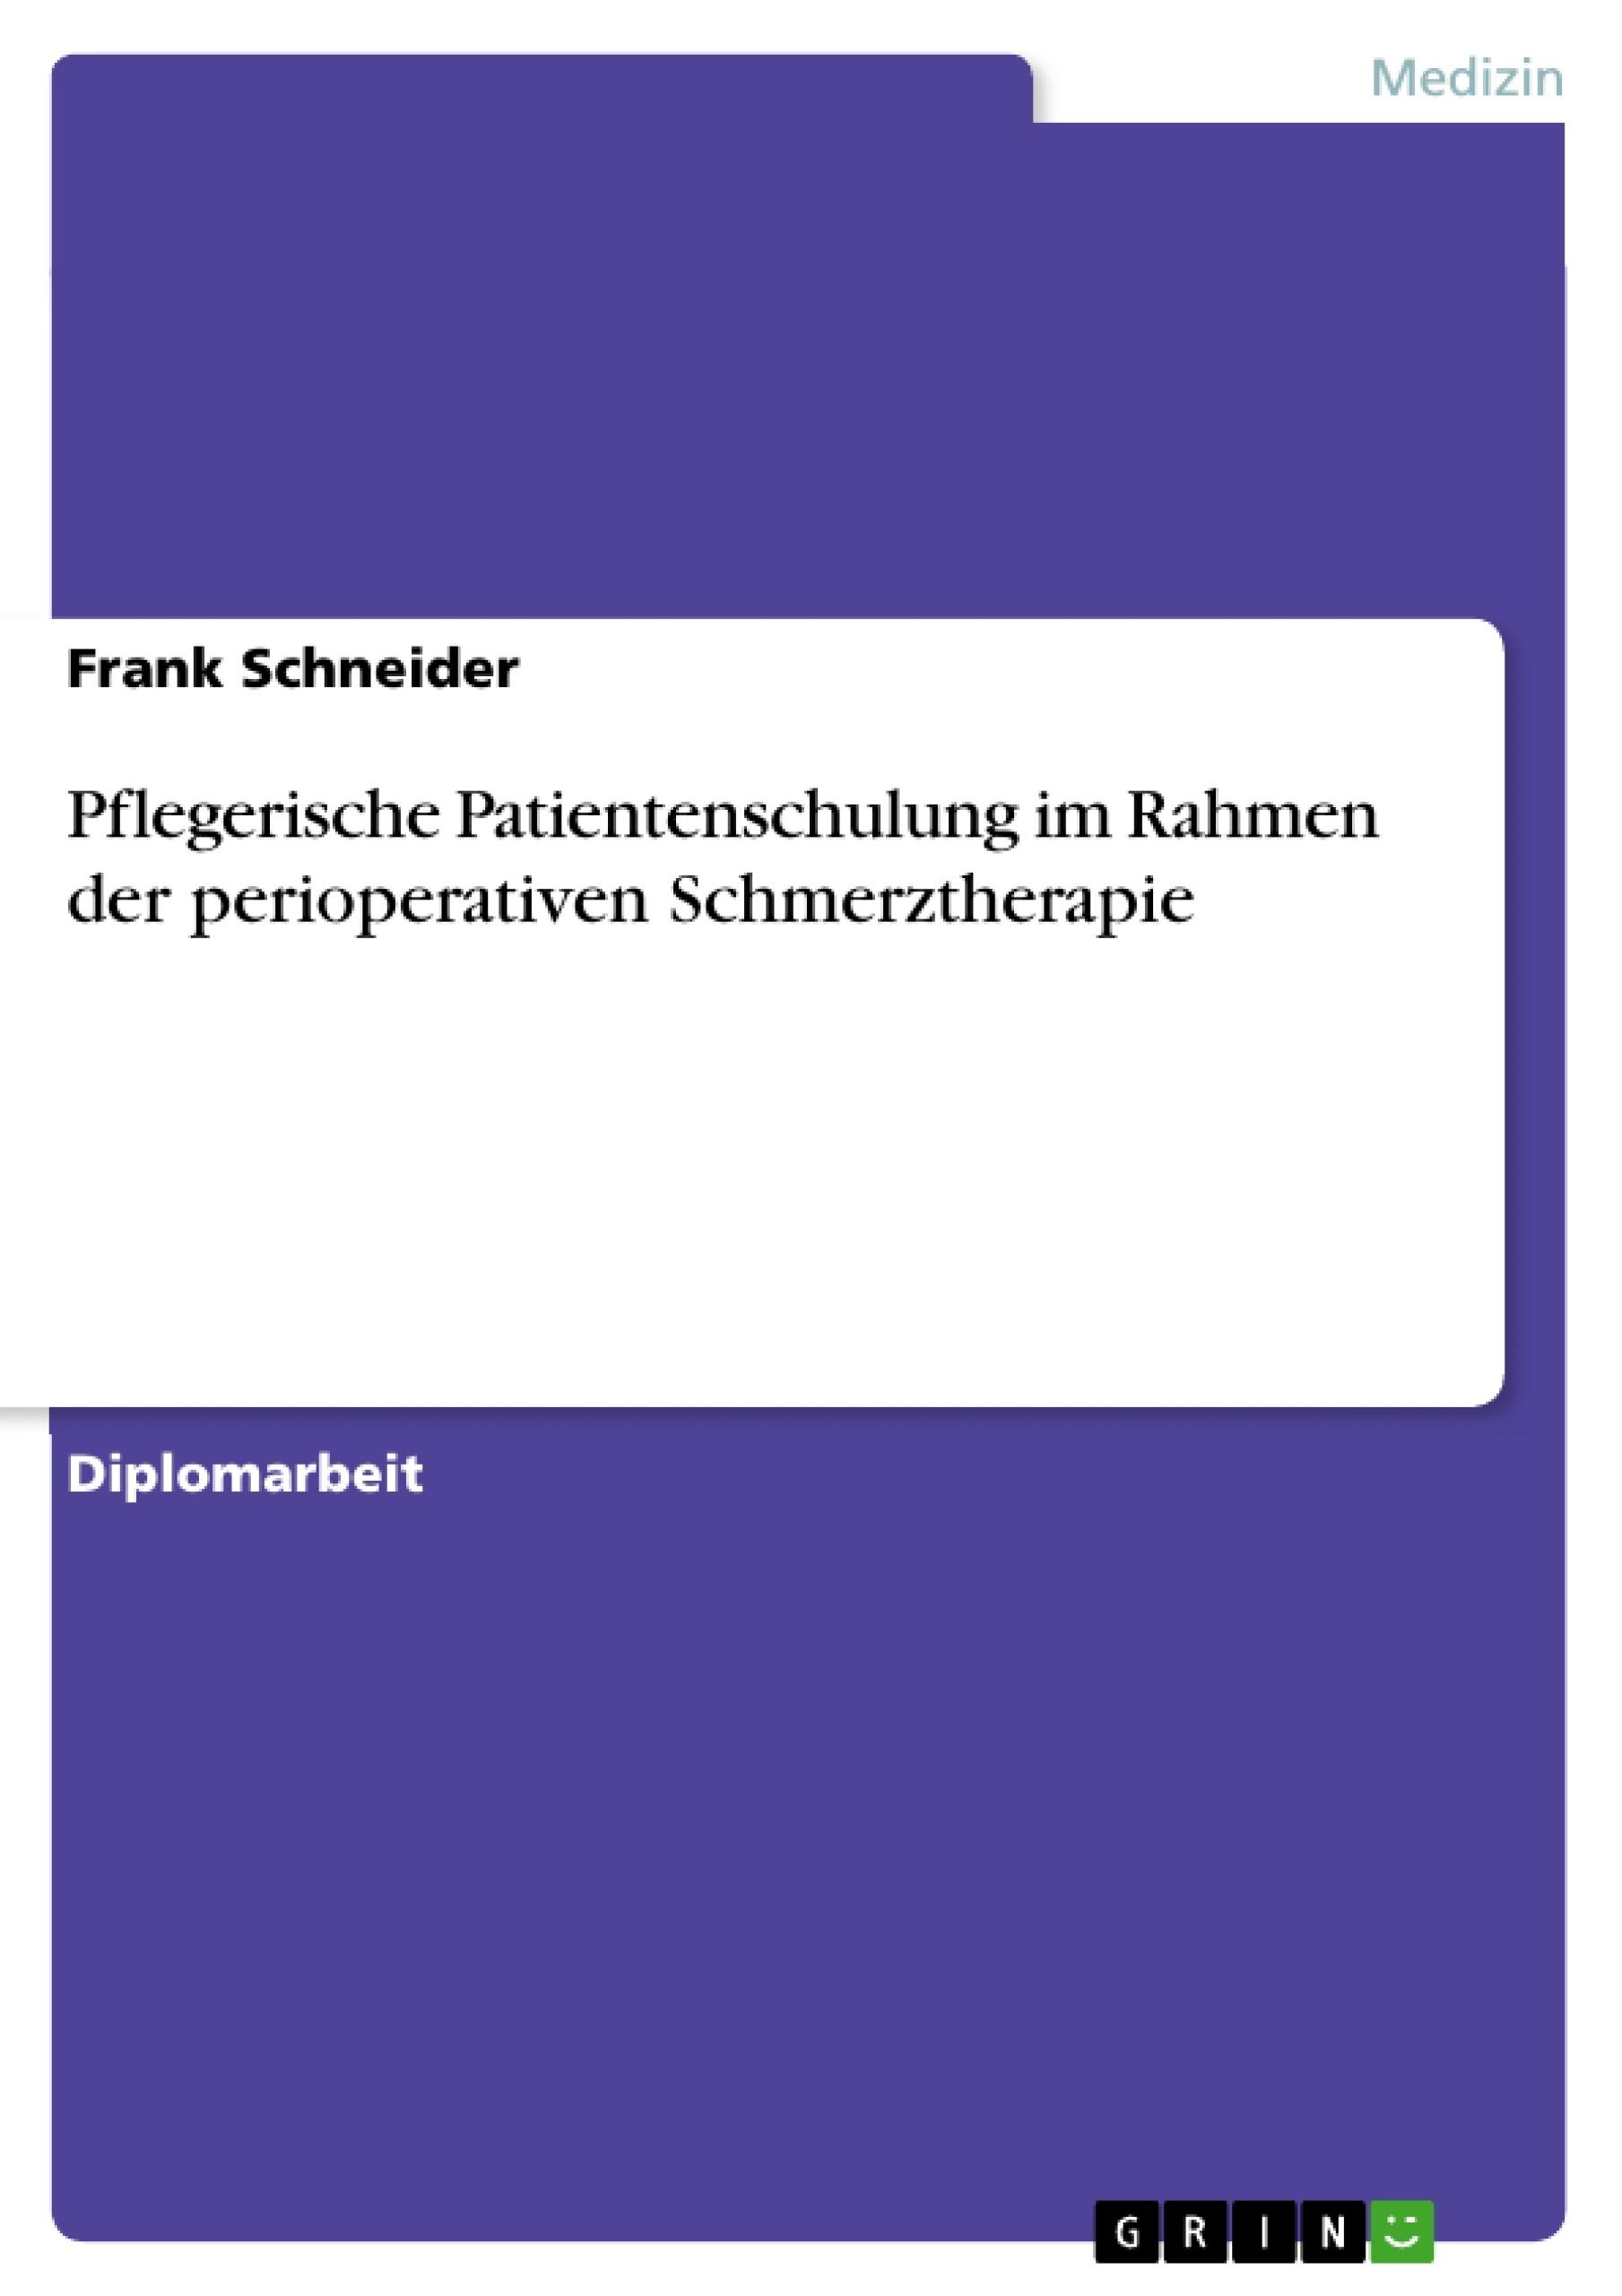 Titel: Pflegerische Patientenschulung im Rahmen der perioperativen Schmerztherapie